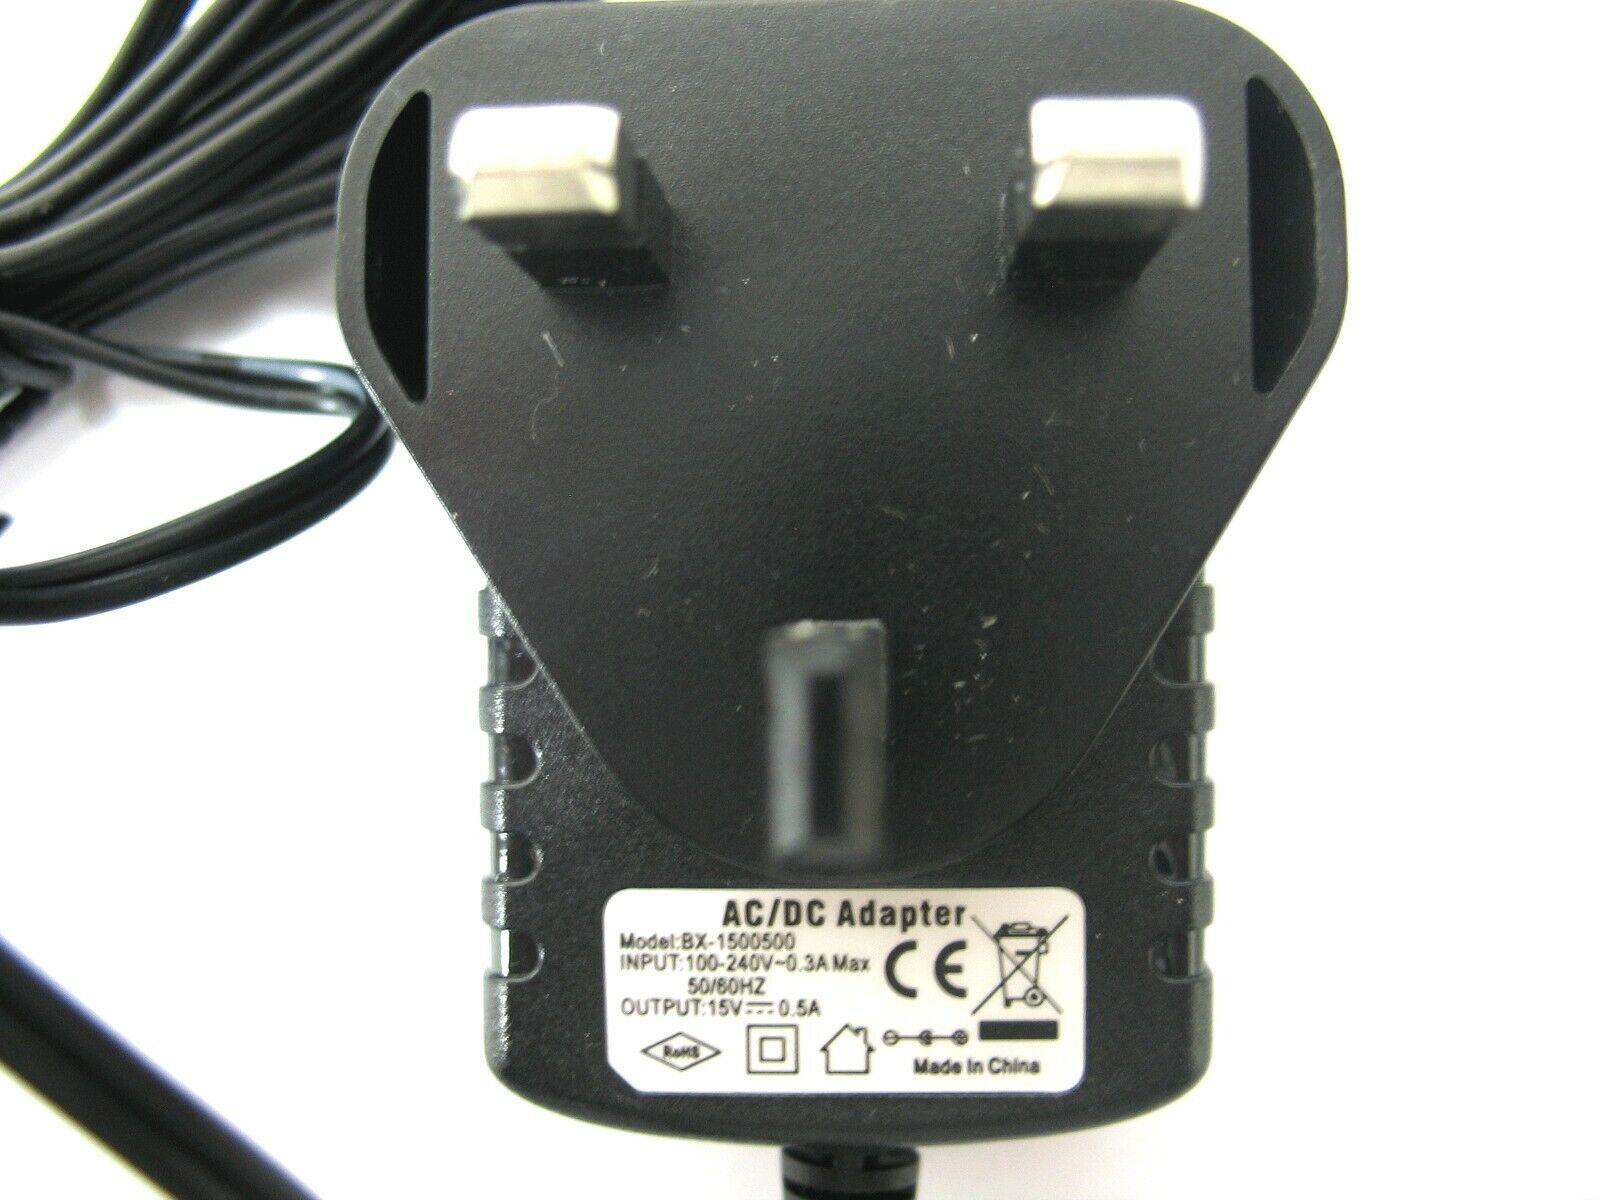 0.5 amp 15 volt AC-DC Mains Regulated Power Adaptor/Supply/Charger (7.5 watt)